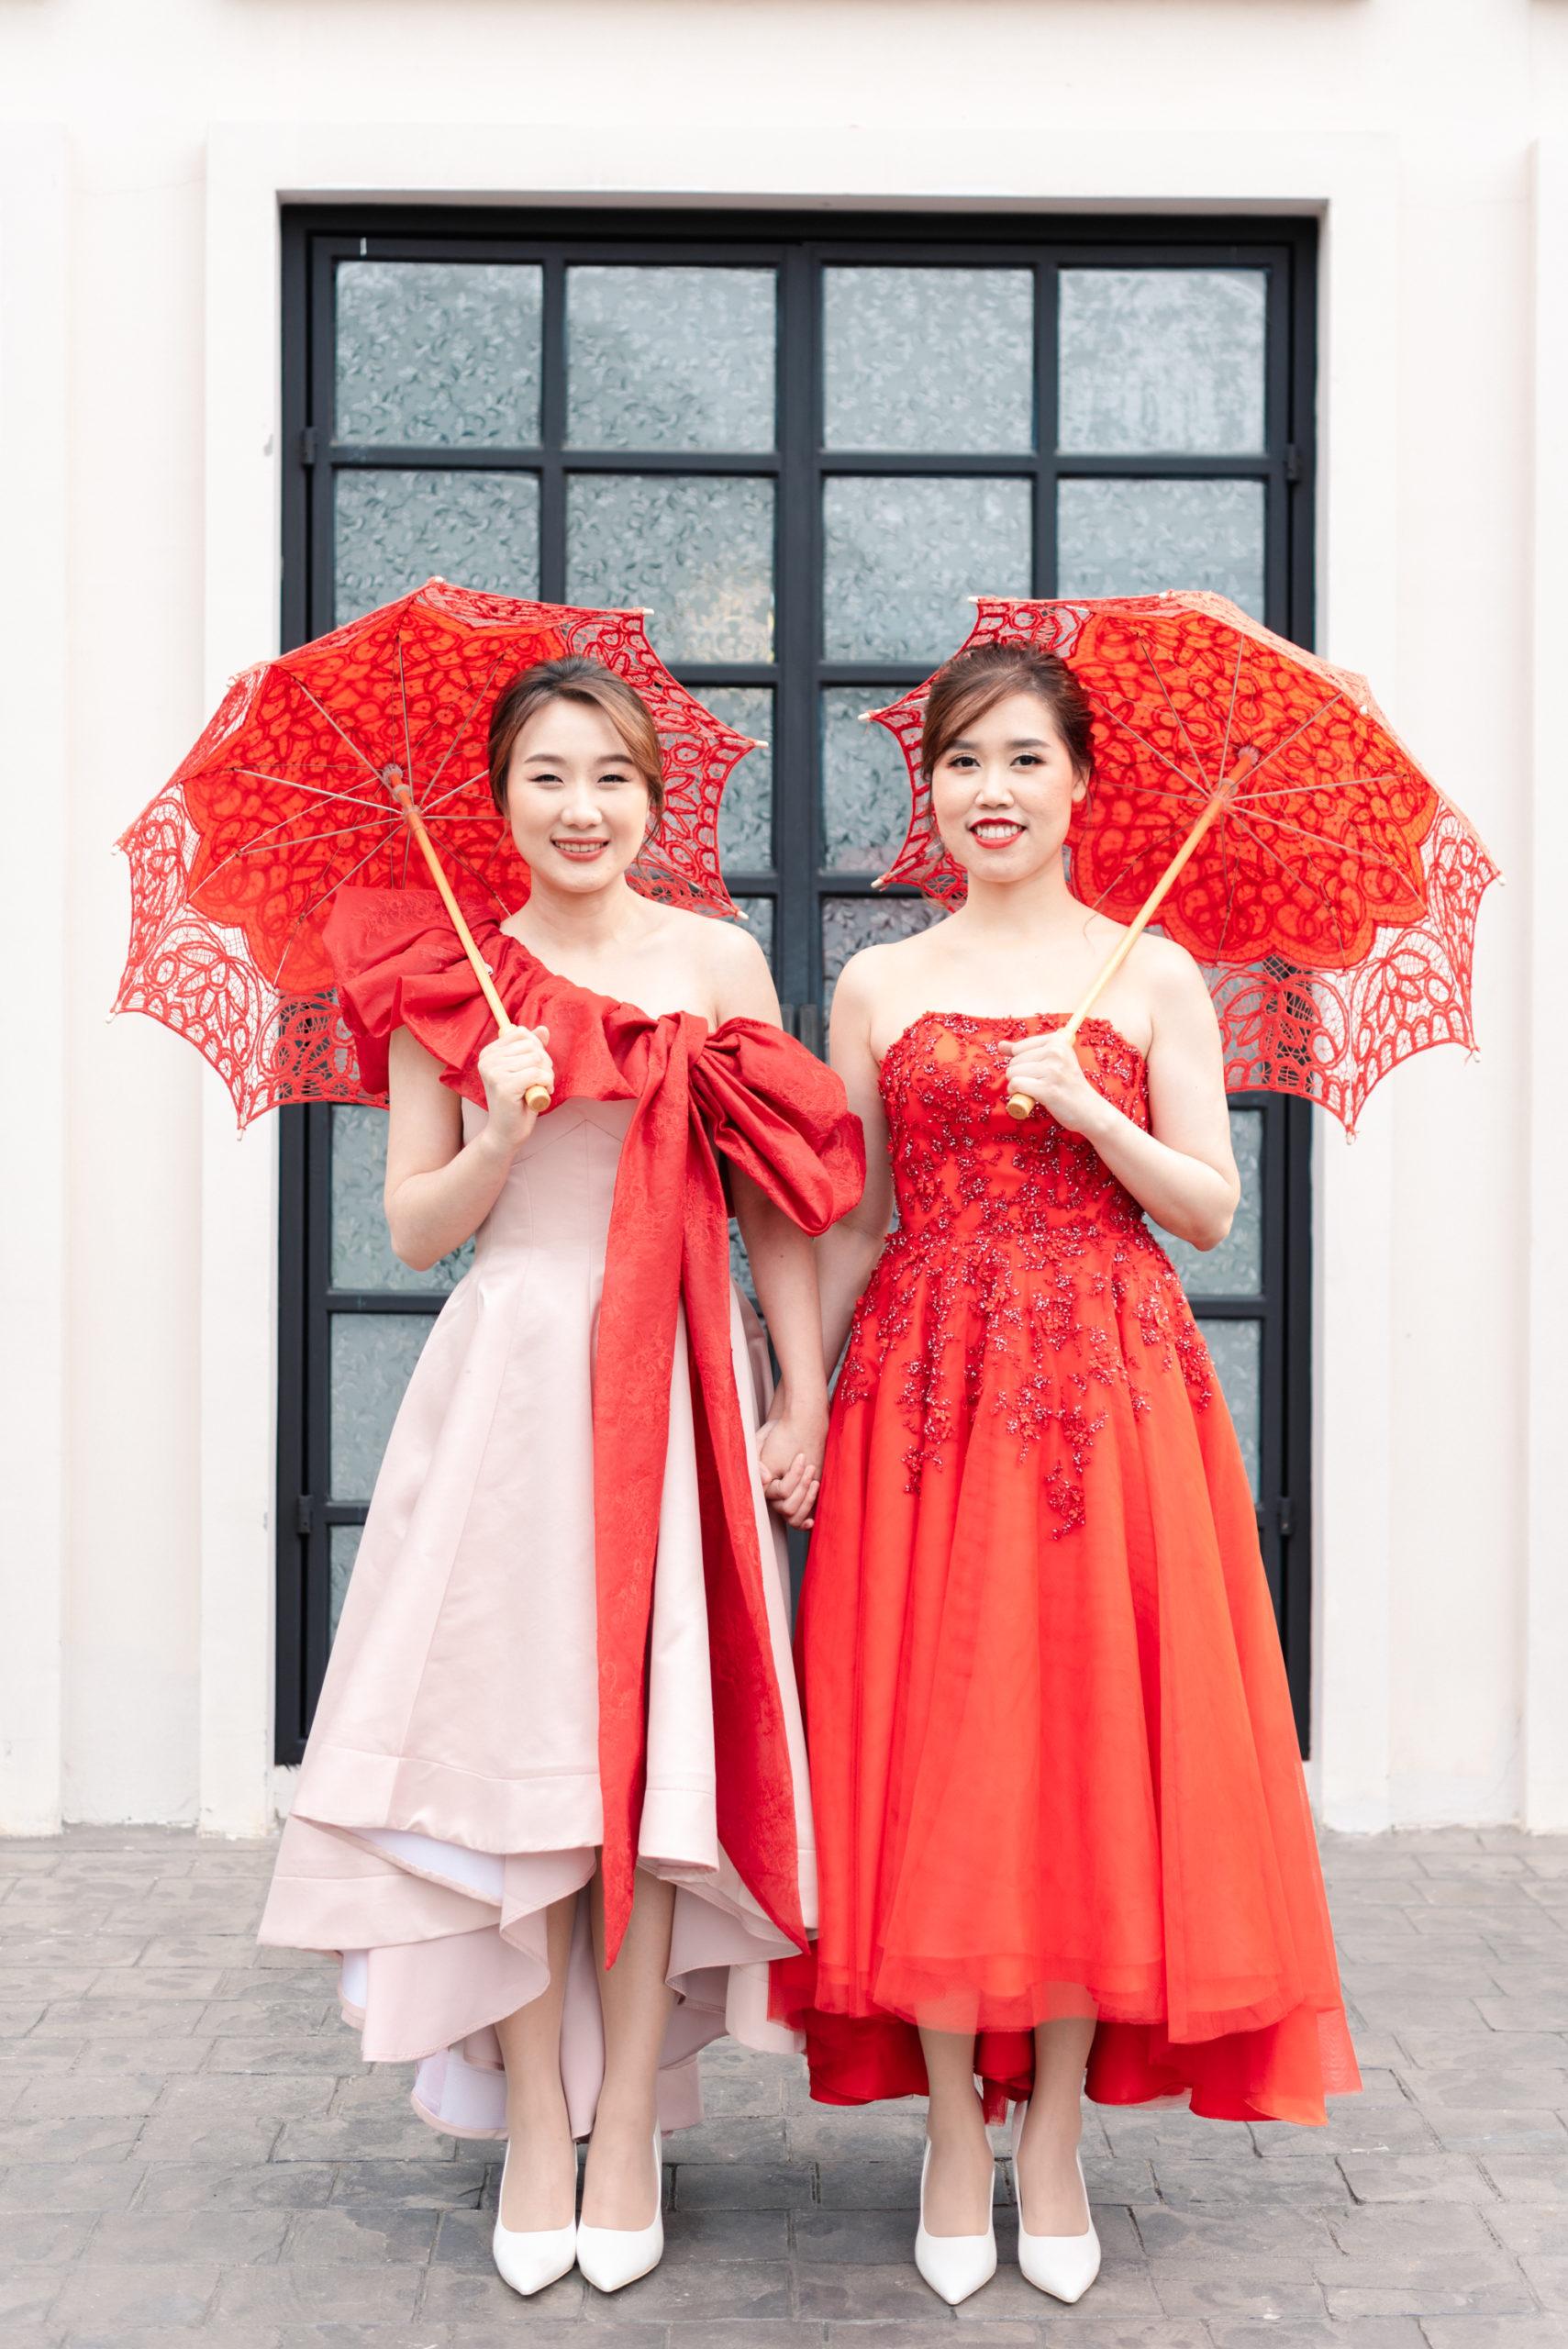 ทีมงาน resilient reflection team งานแต่ง มู่หลาน wedding styled shoot bangkok เวดดิ้งแพลนเนอร์ wonders & weddings vows by wasawat bo&ob shoes